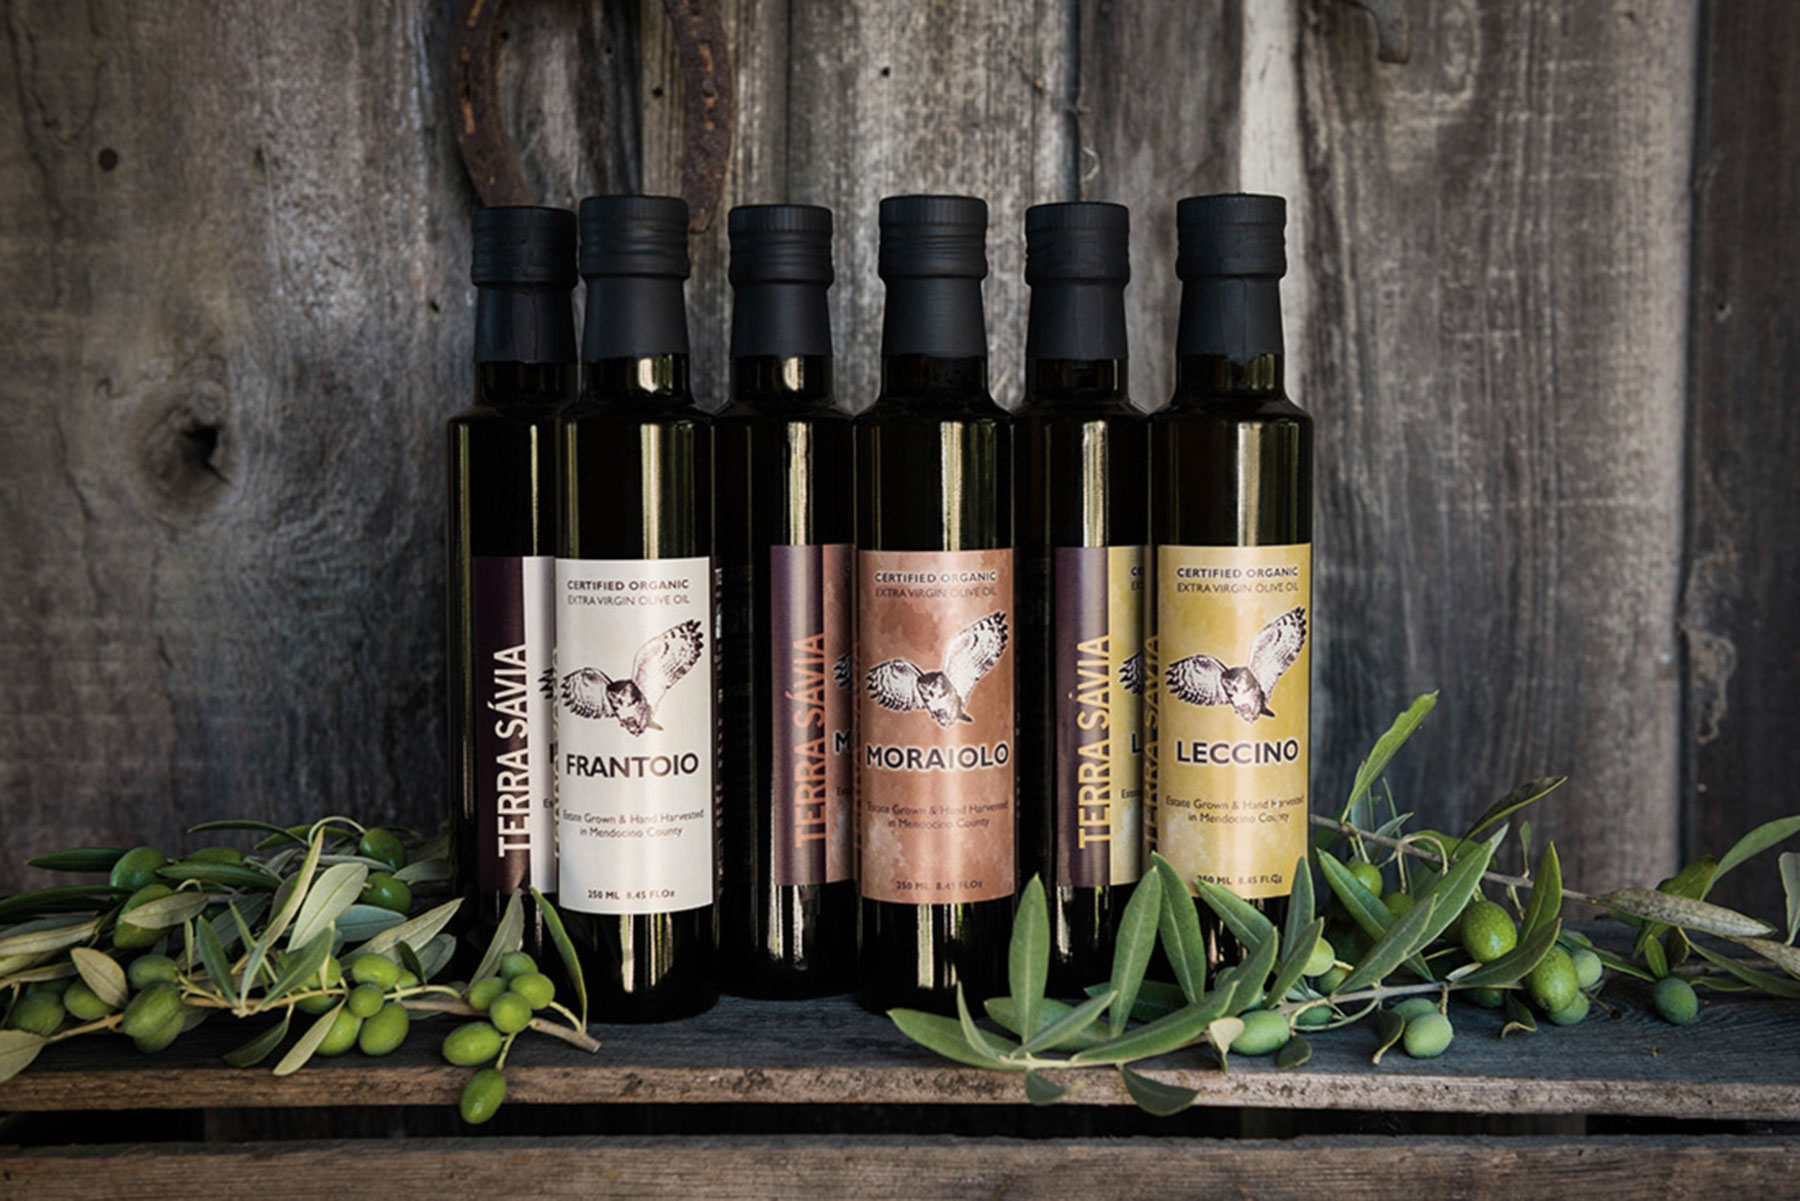 frantoio-moraiolo-leccino-oil-bottles.jpg